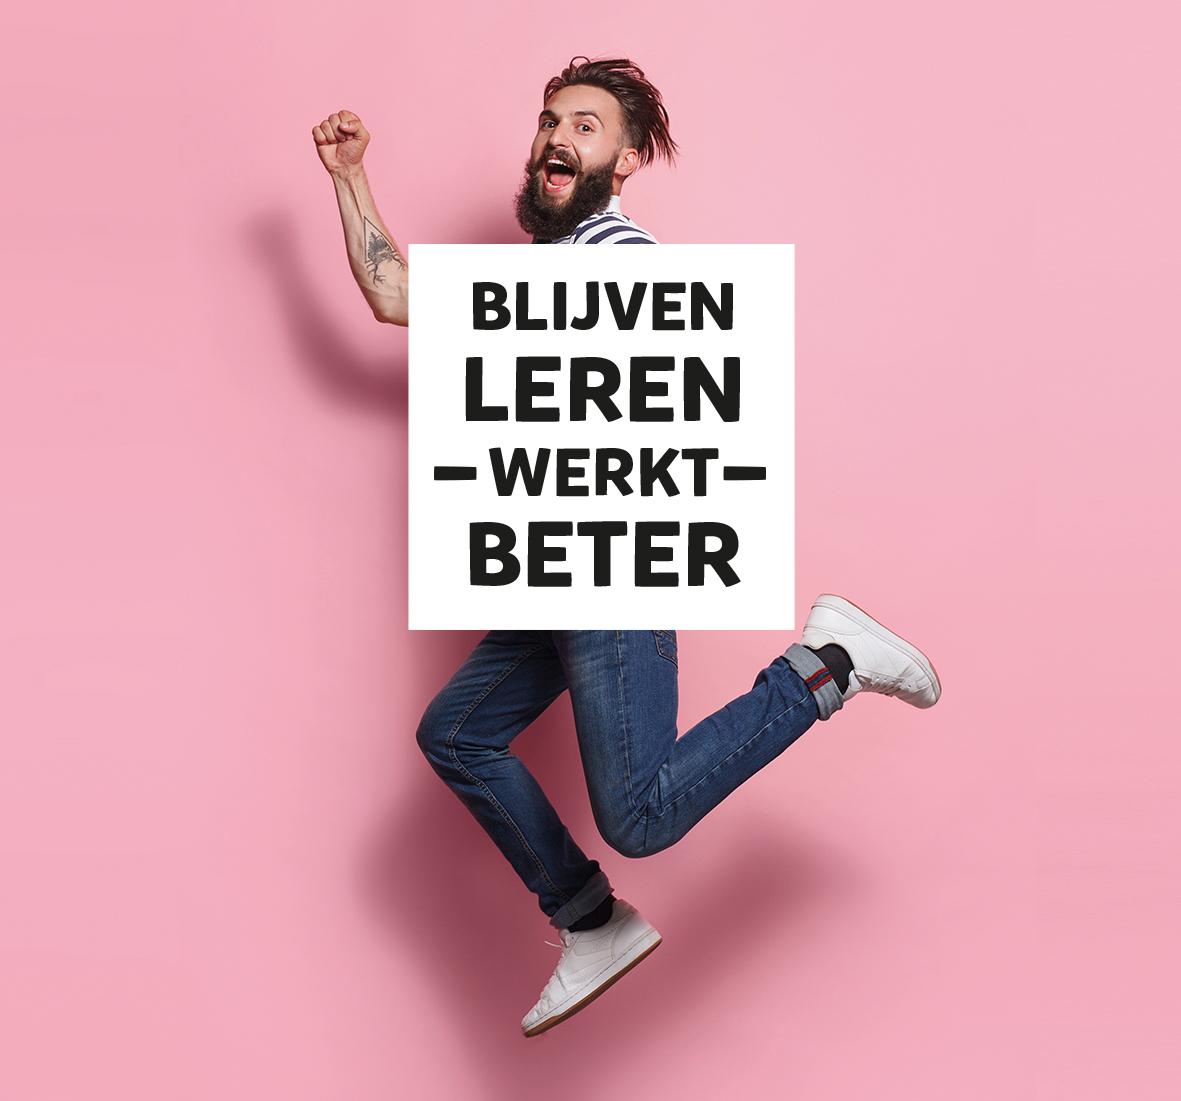 Copy 'Blijven leren werkt beter' campaign inspires people to never stop learning.